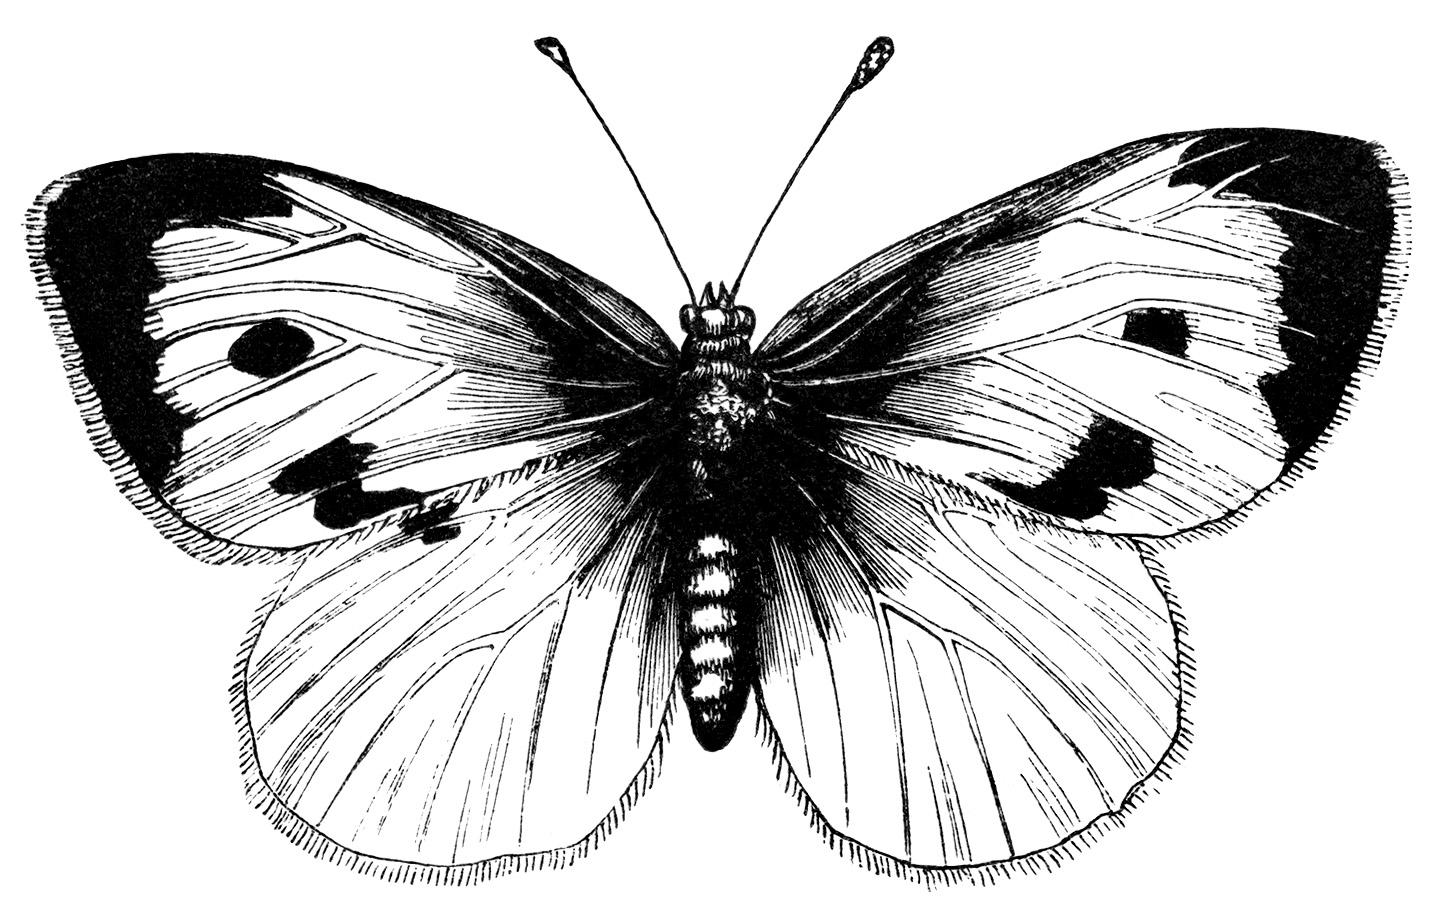 Черно-белый рисунок с изображением бабочки